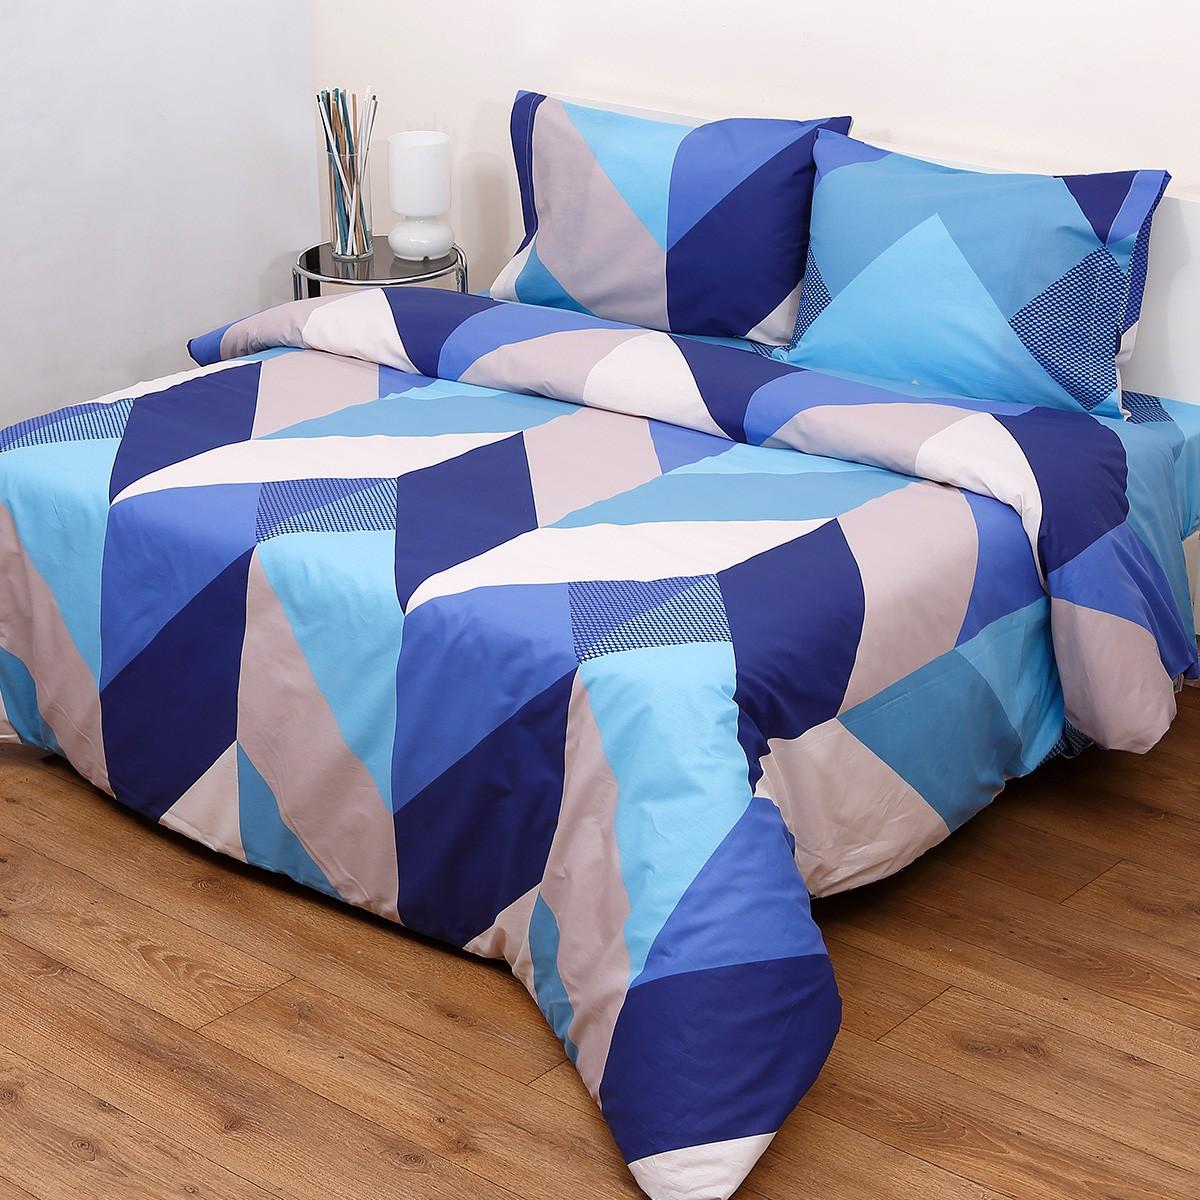 Κουβερλί Ημίδιπλο (Σετ) Viopros Fresh Ένζο Μπλε